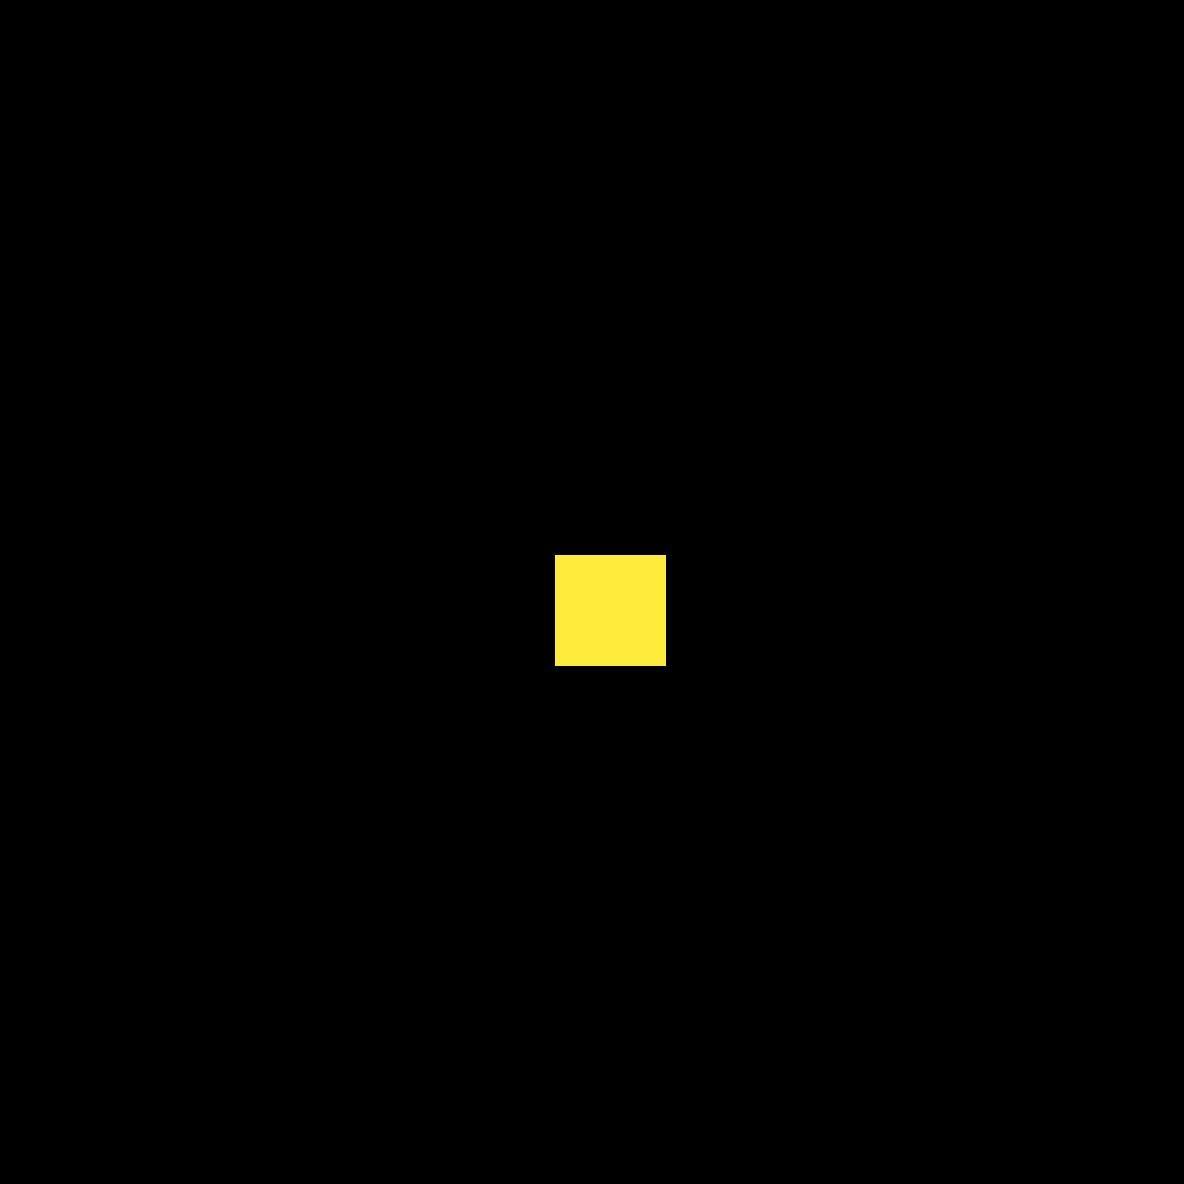 main-image-lightbulb  by thegiantegg